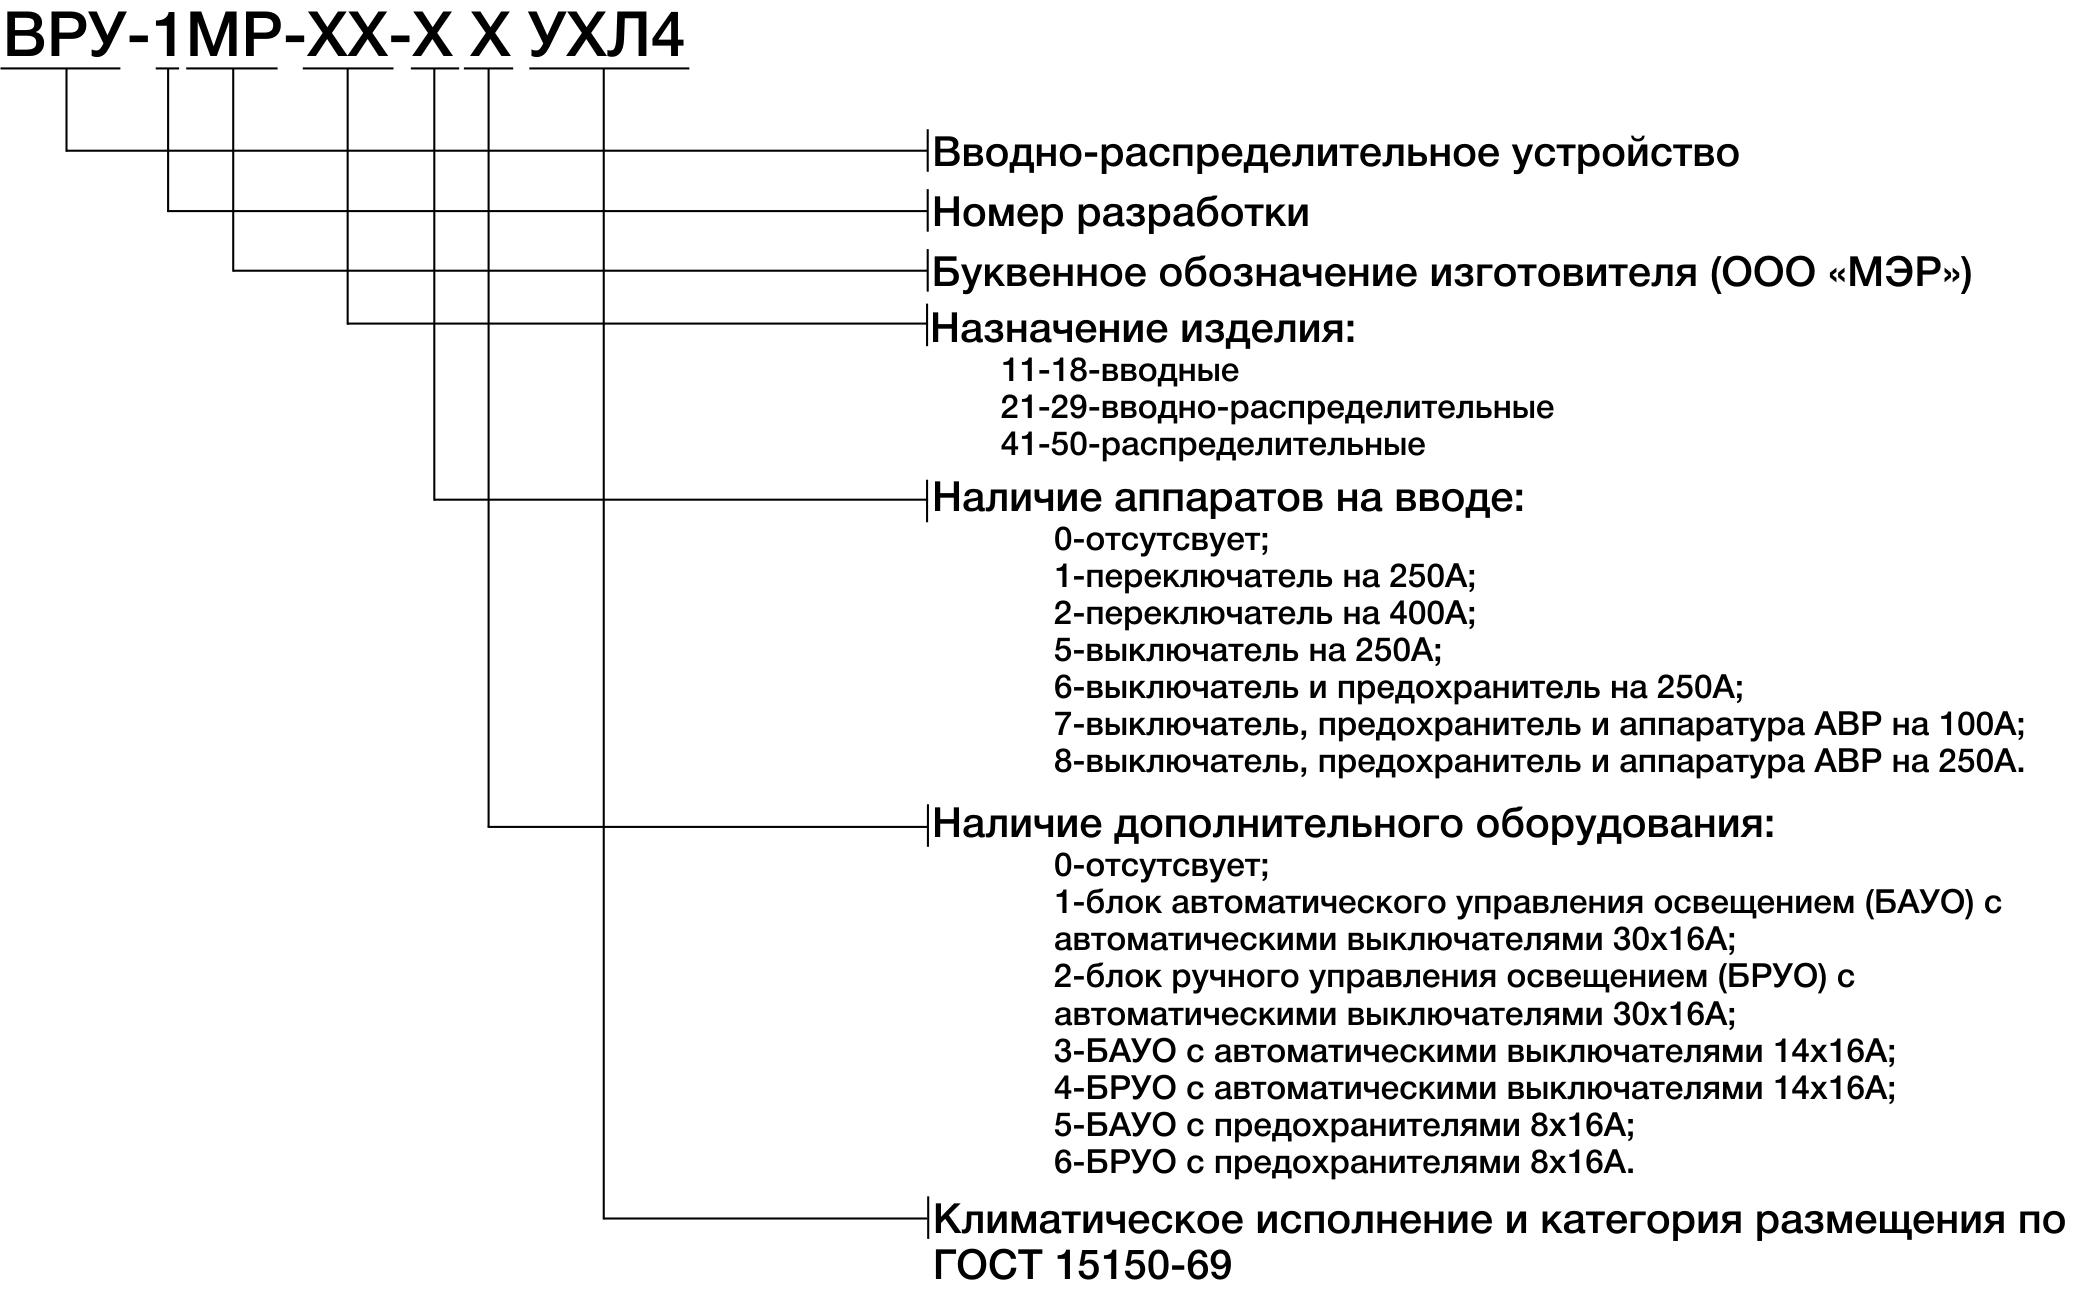 Структура условного обозначения ВРУ-1МР